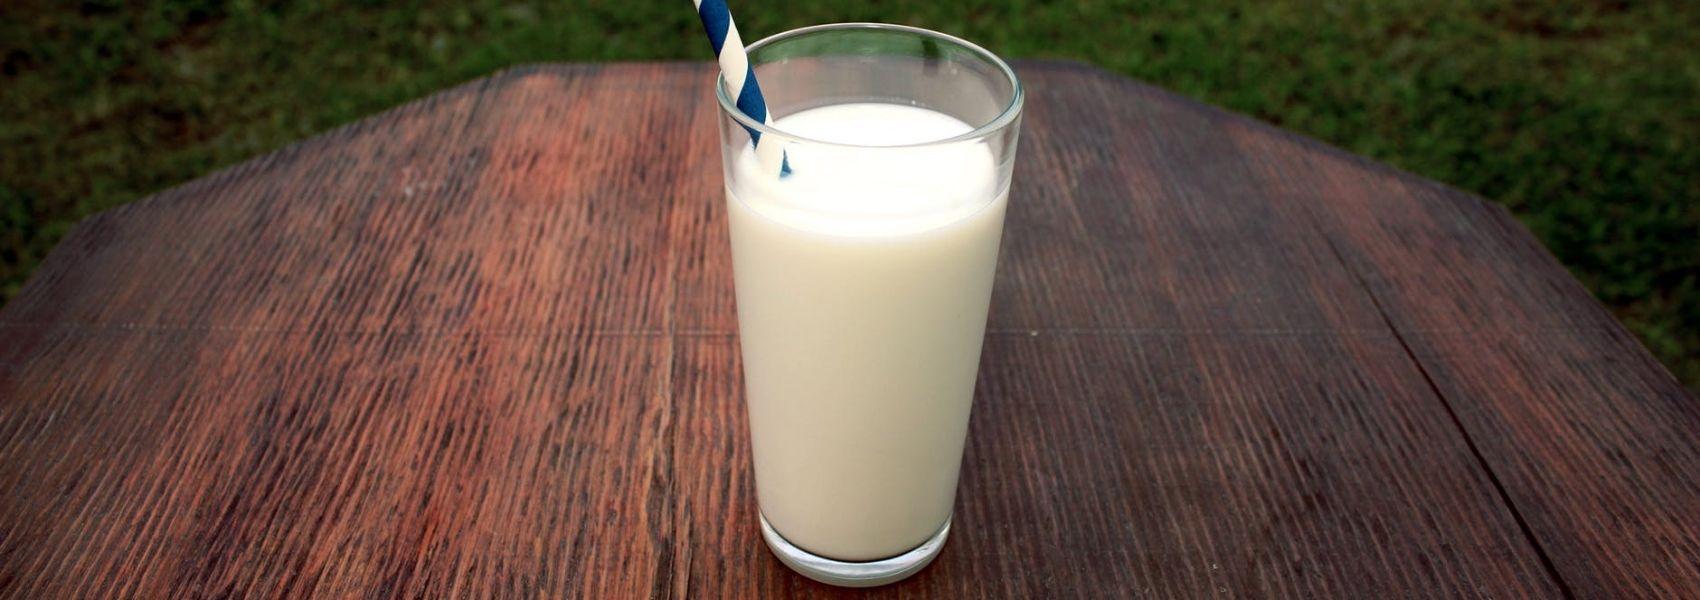 Quer tornar as bebidas lácteas mais doces sem juntar açúcar? A receita é simples